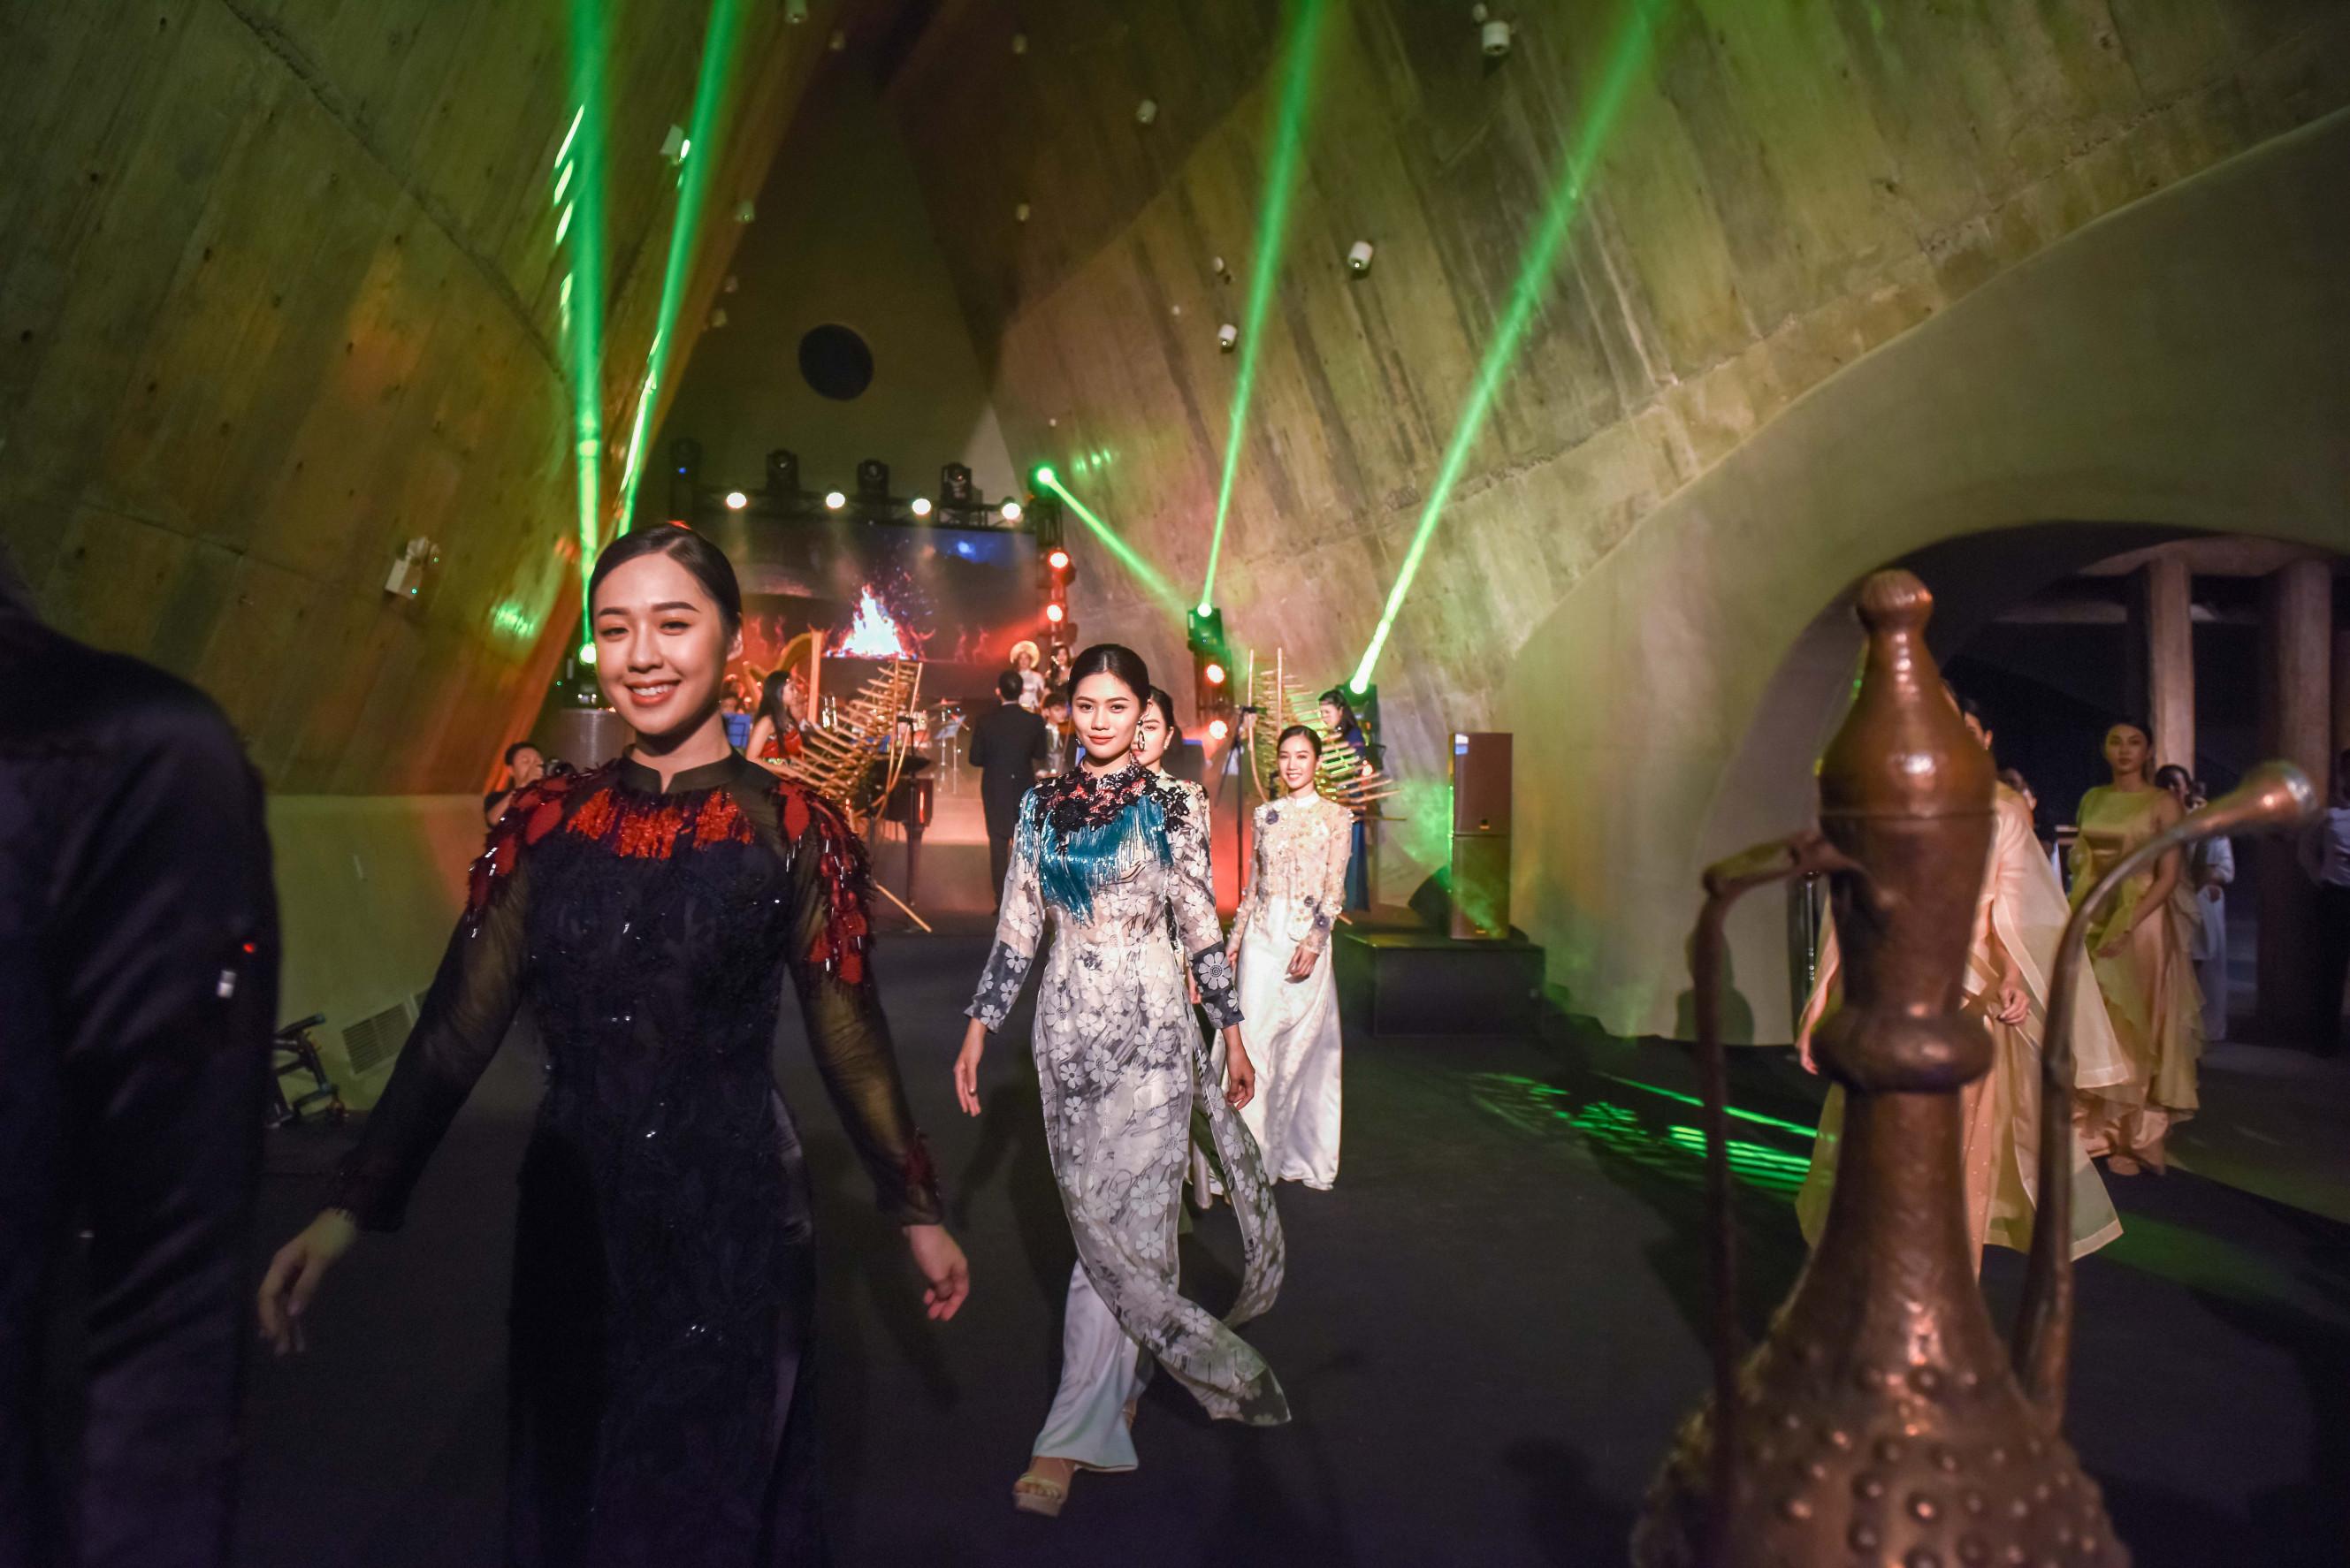 Tại sự kiện, Miss Photo 2017 Vũ Hương Giang cùng dàn người đẹp còn tham gia với vai trò trình diễn những bộ sưu tập thời trang lần đầu được ra mắt công chúng.